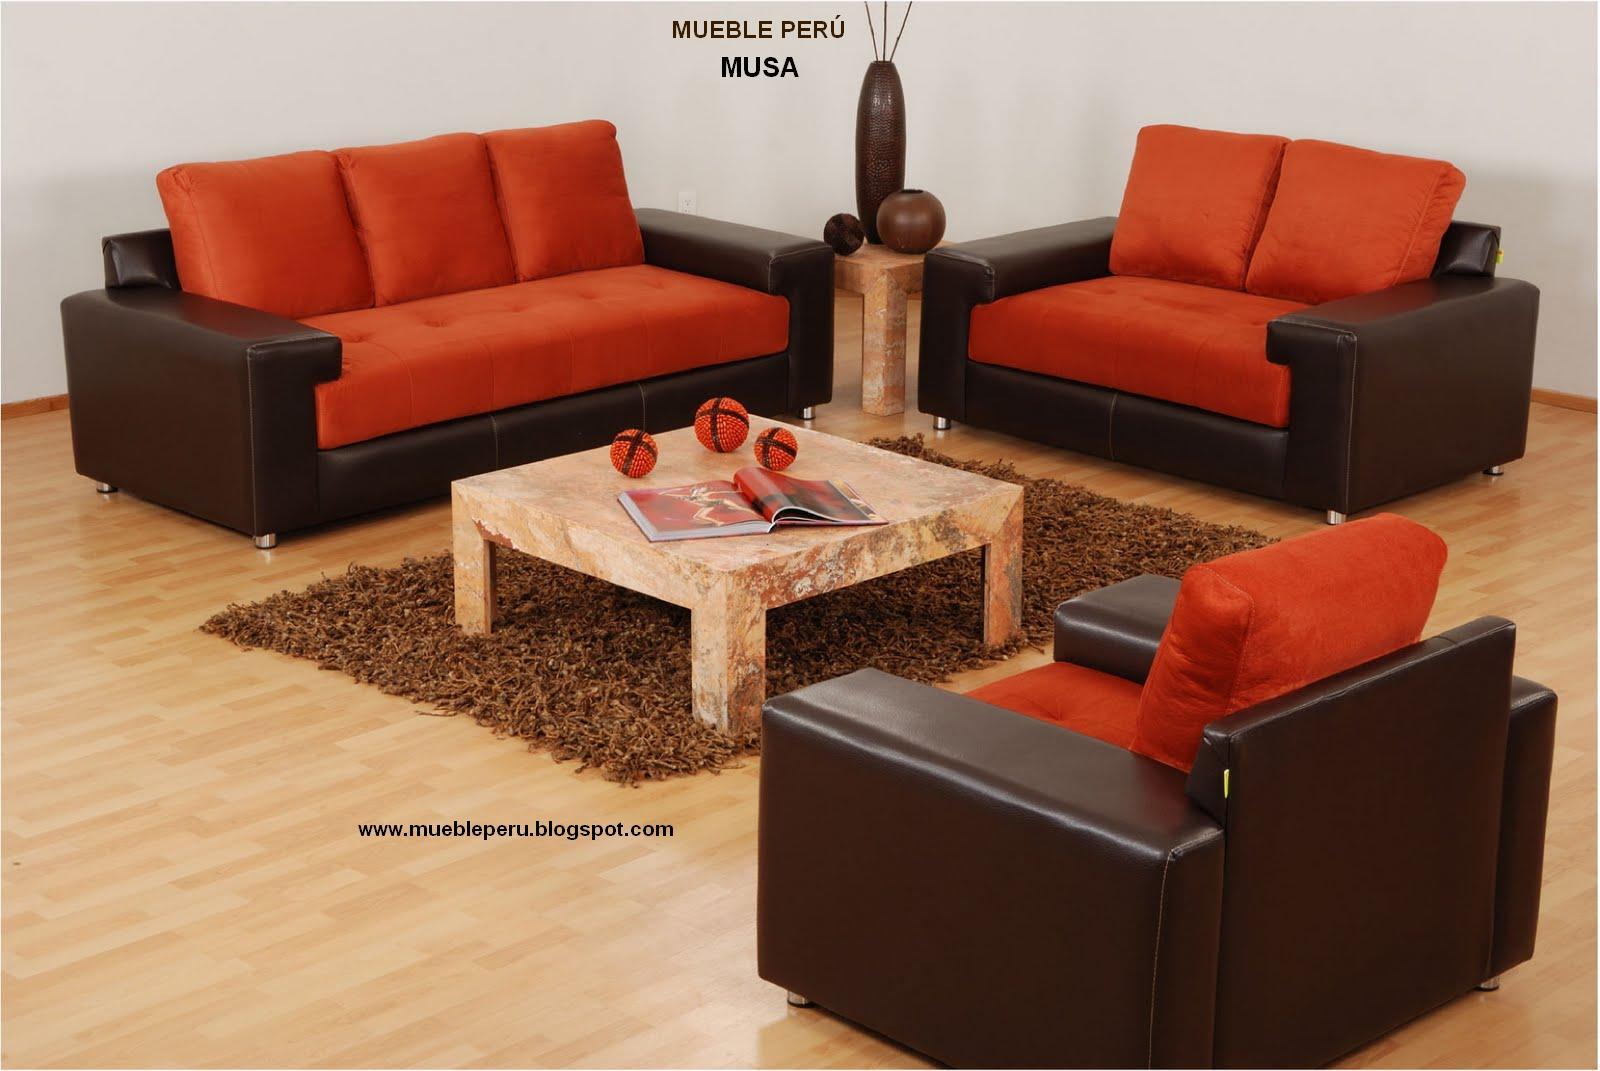 Muebles pegaso muebles en microfibra variedades for Modelos de muebles de sala para departamentos pequenos